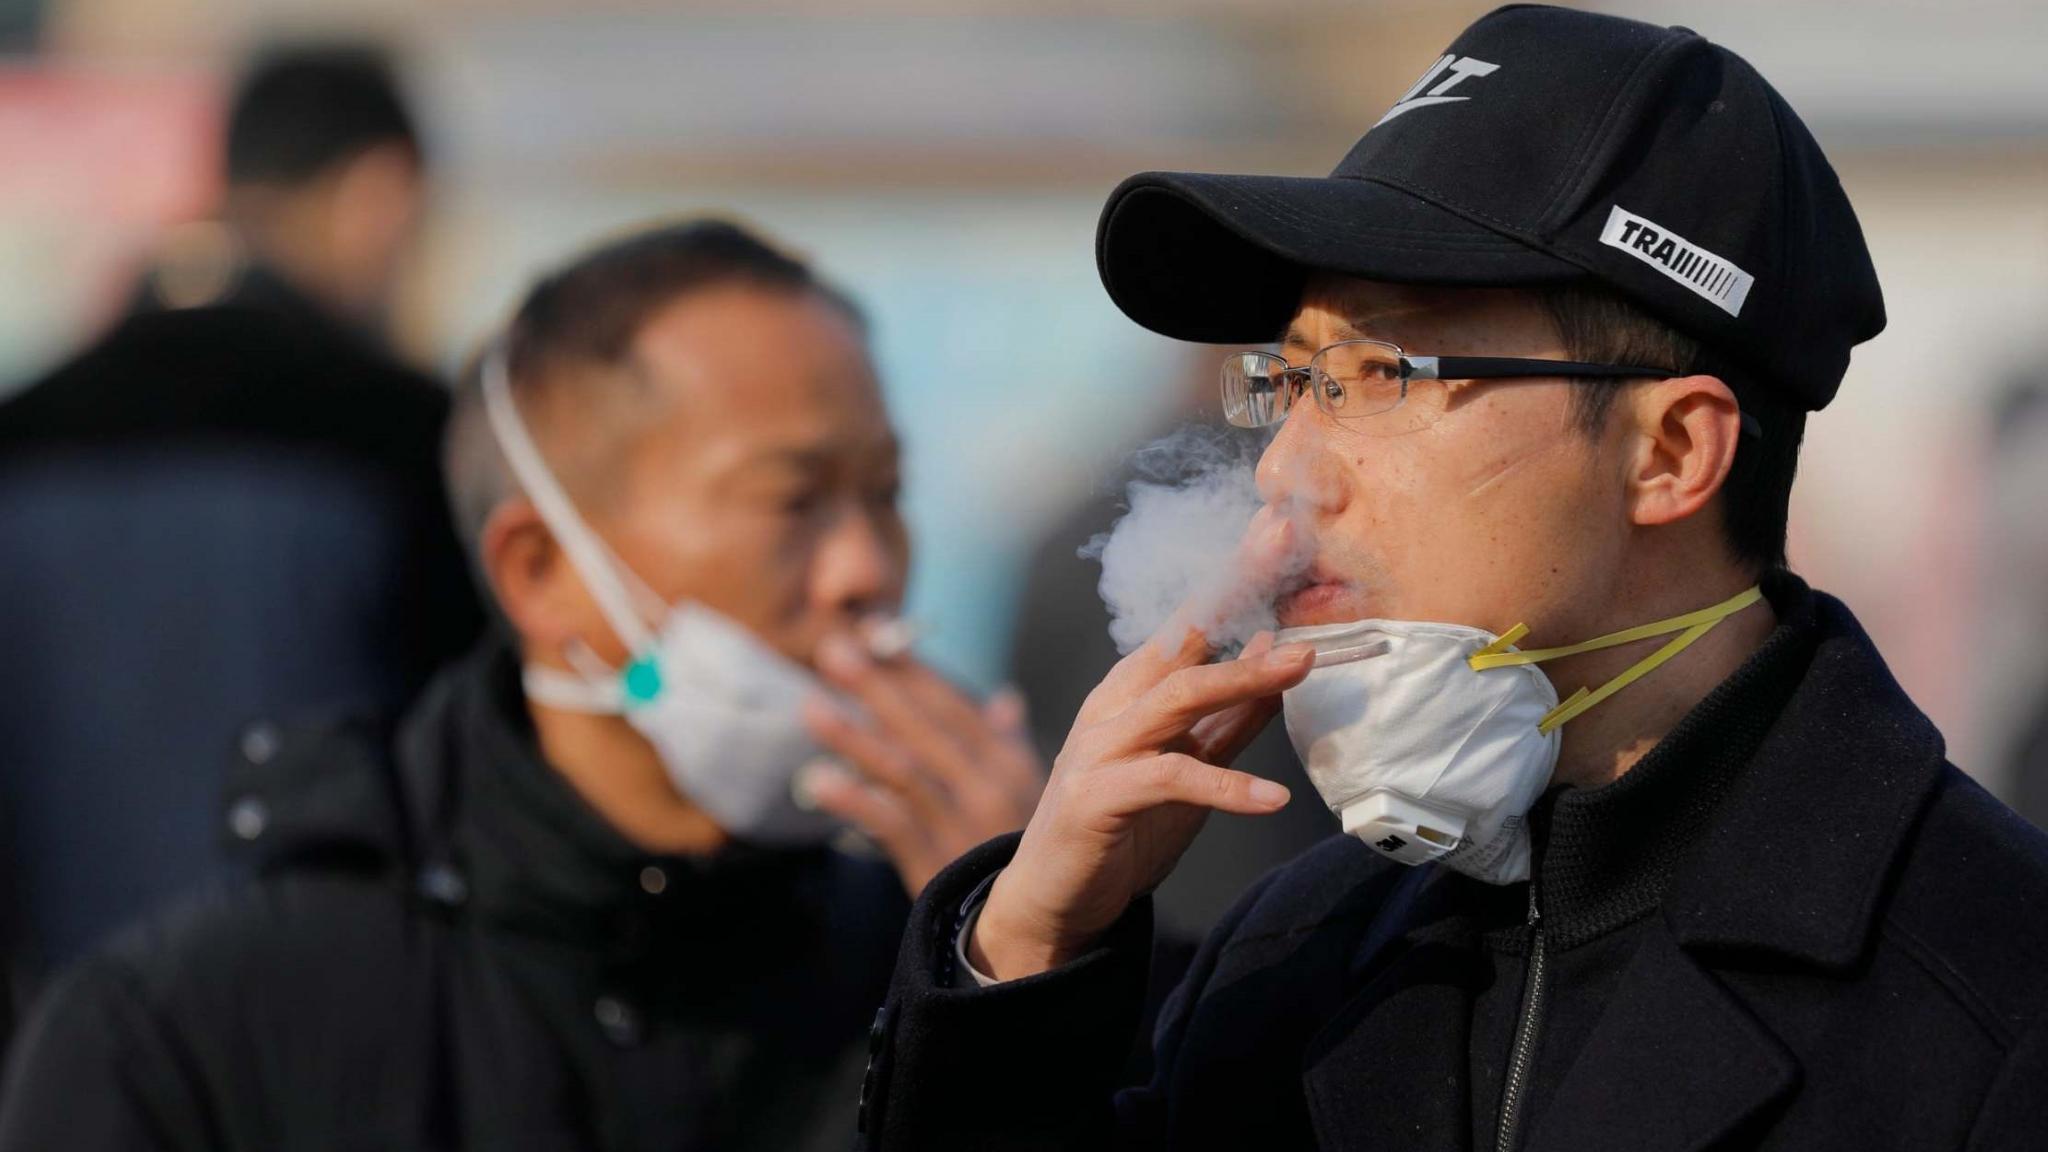 Повышенная экспрессия мембранного белка делает курильщиков более уязвимыми к коронавирусу